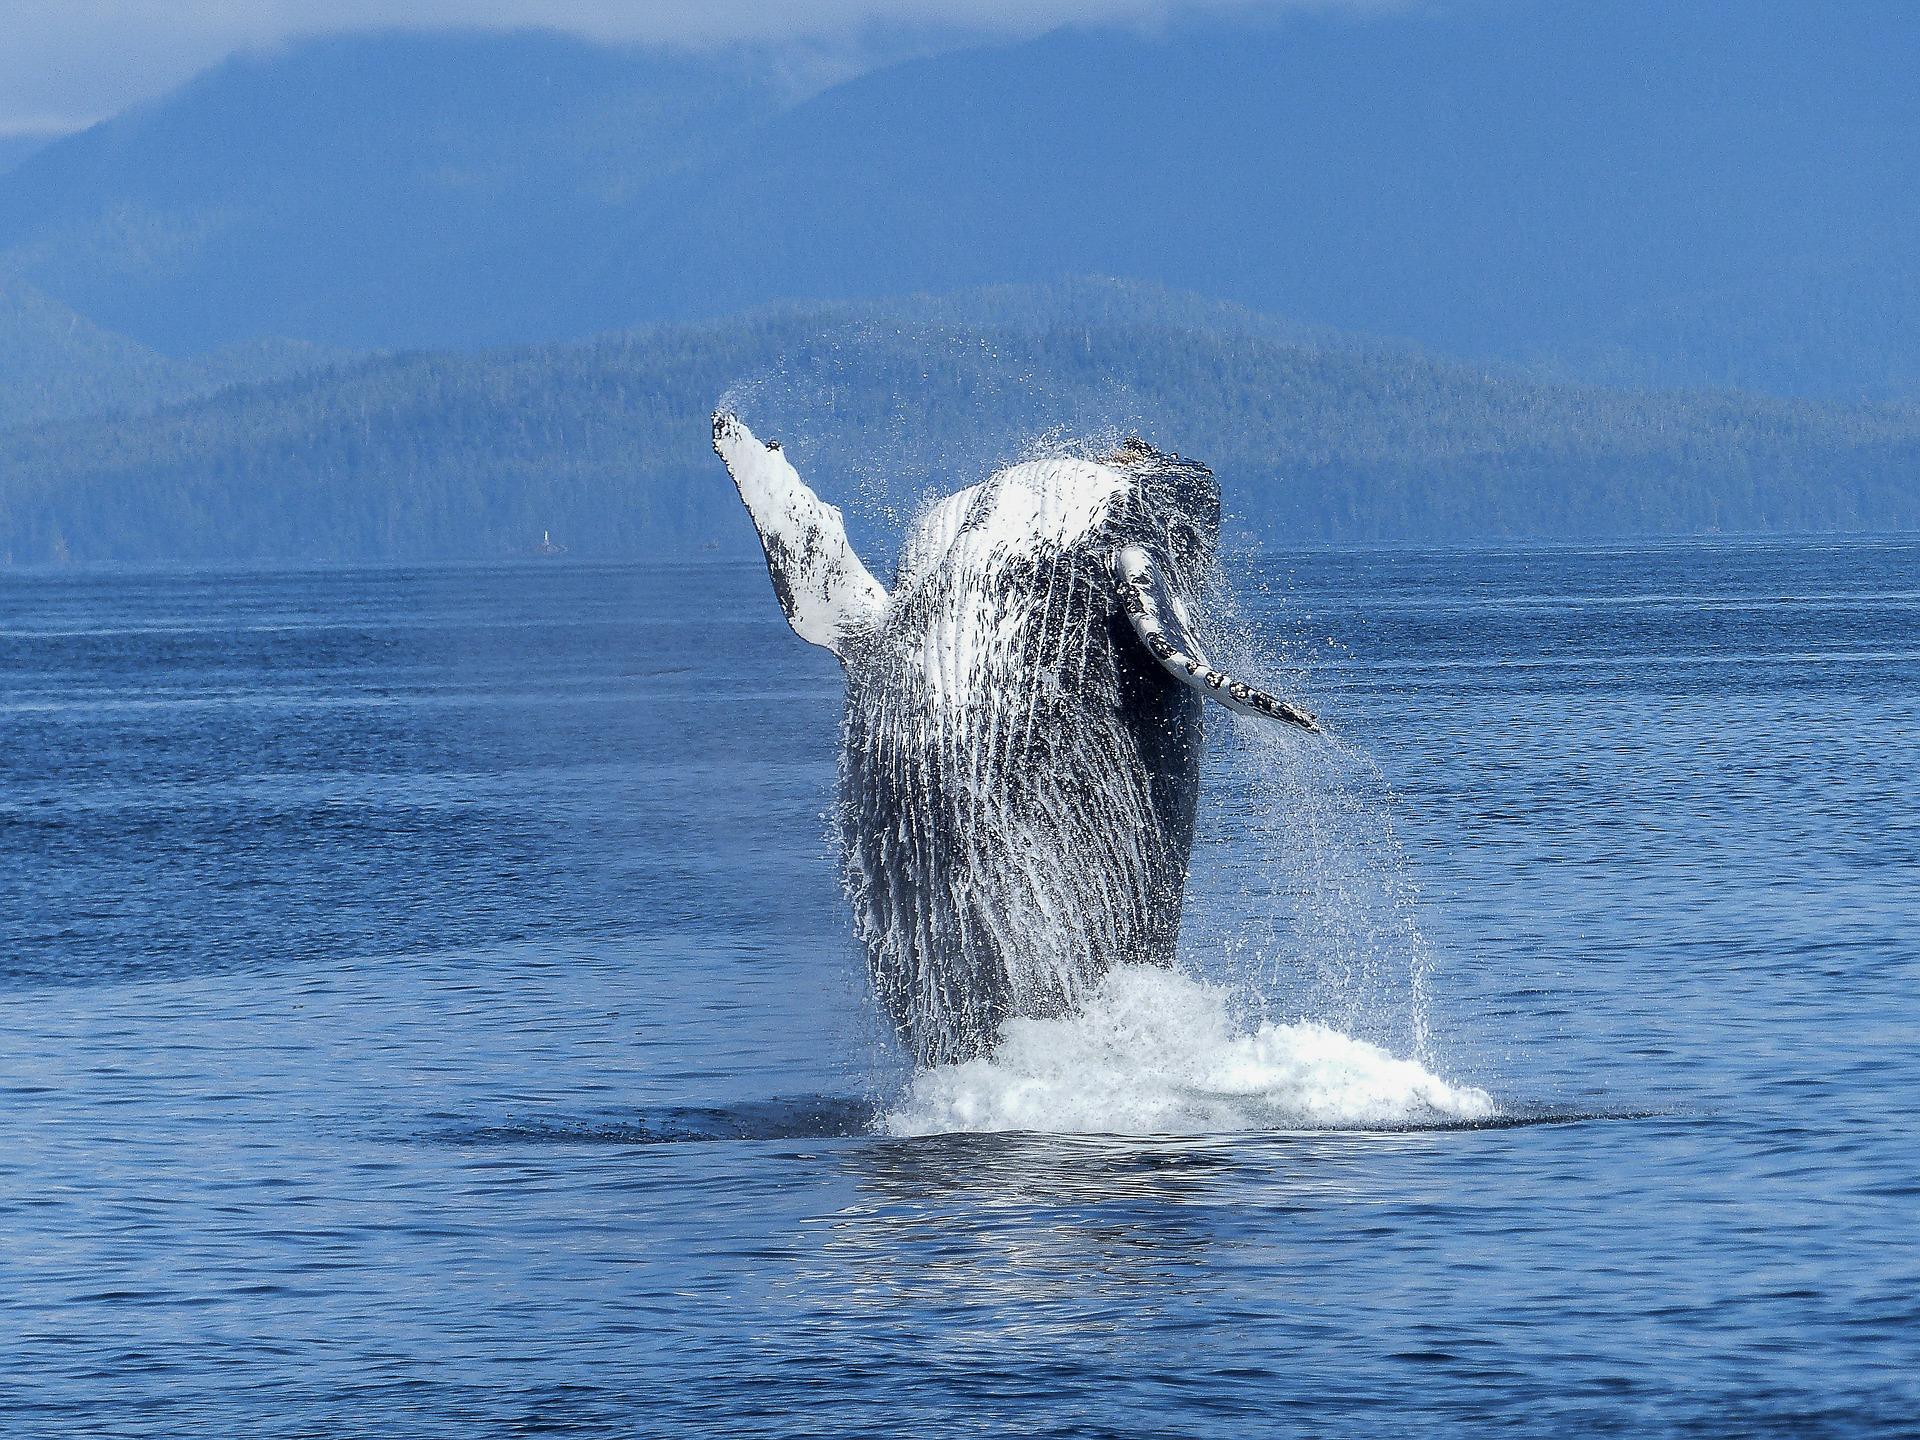 humpback-whale-431902_1920.jpg